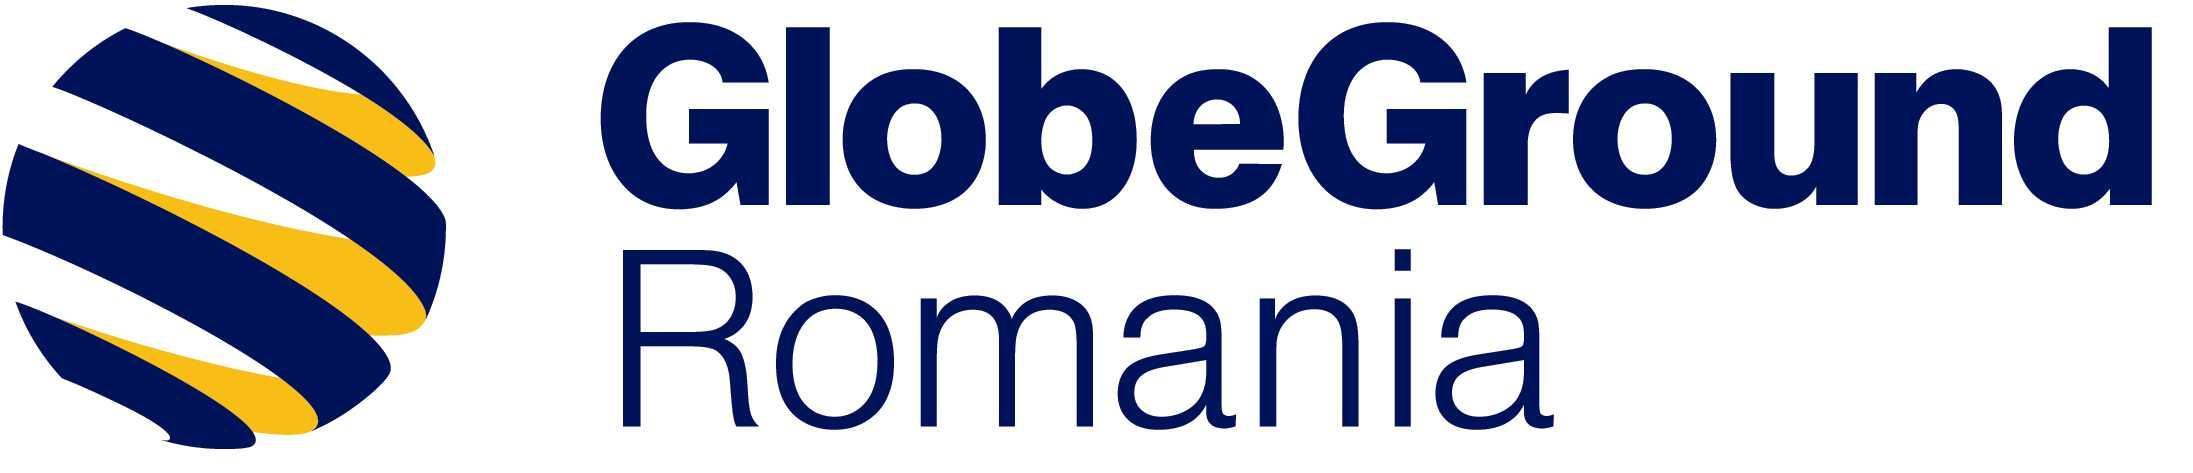 Locuri de munca Globe Ground Romania